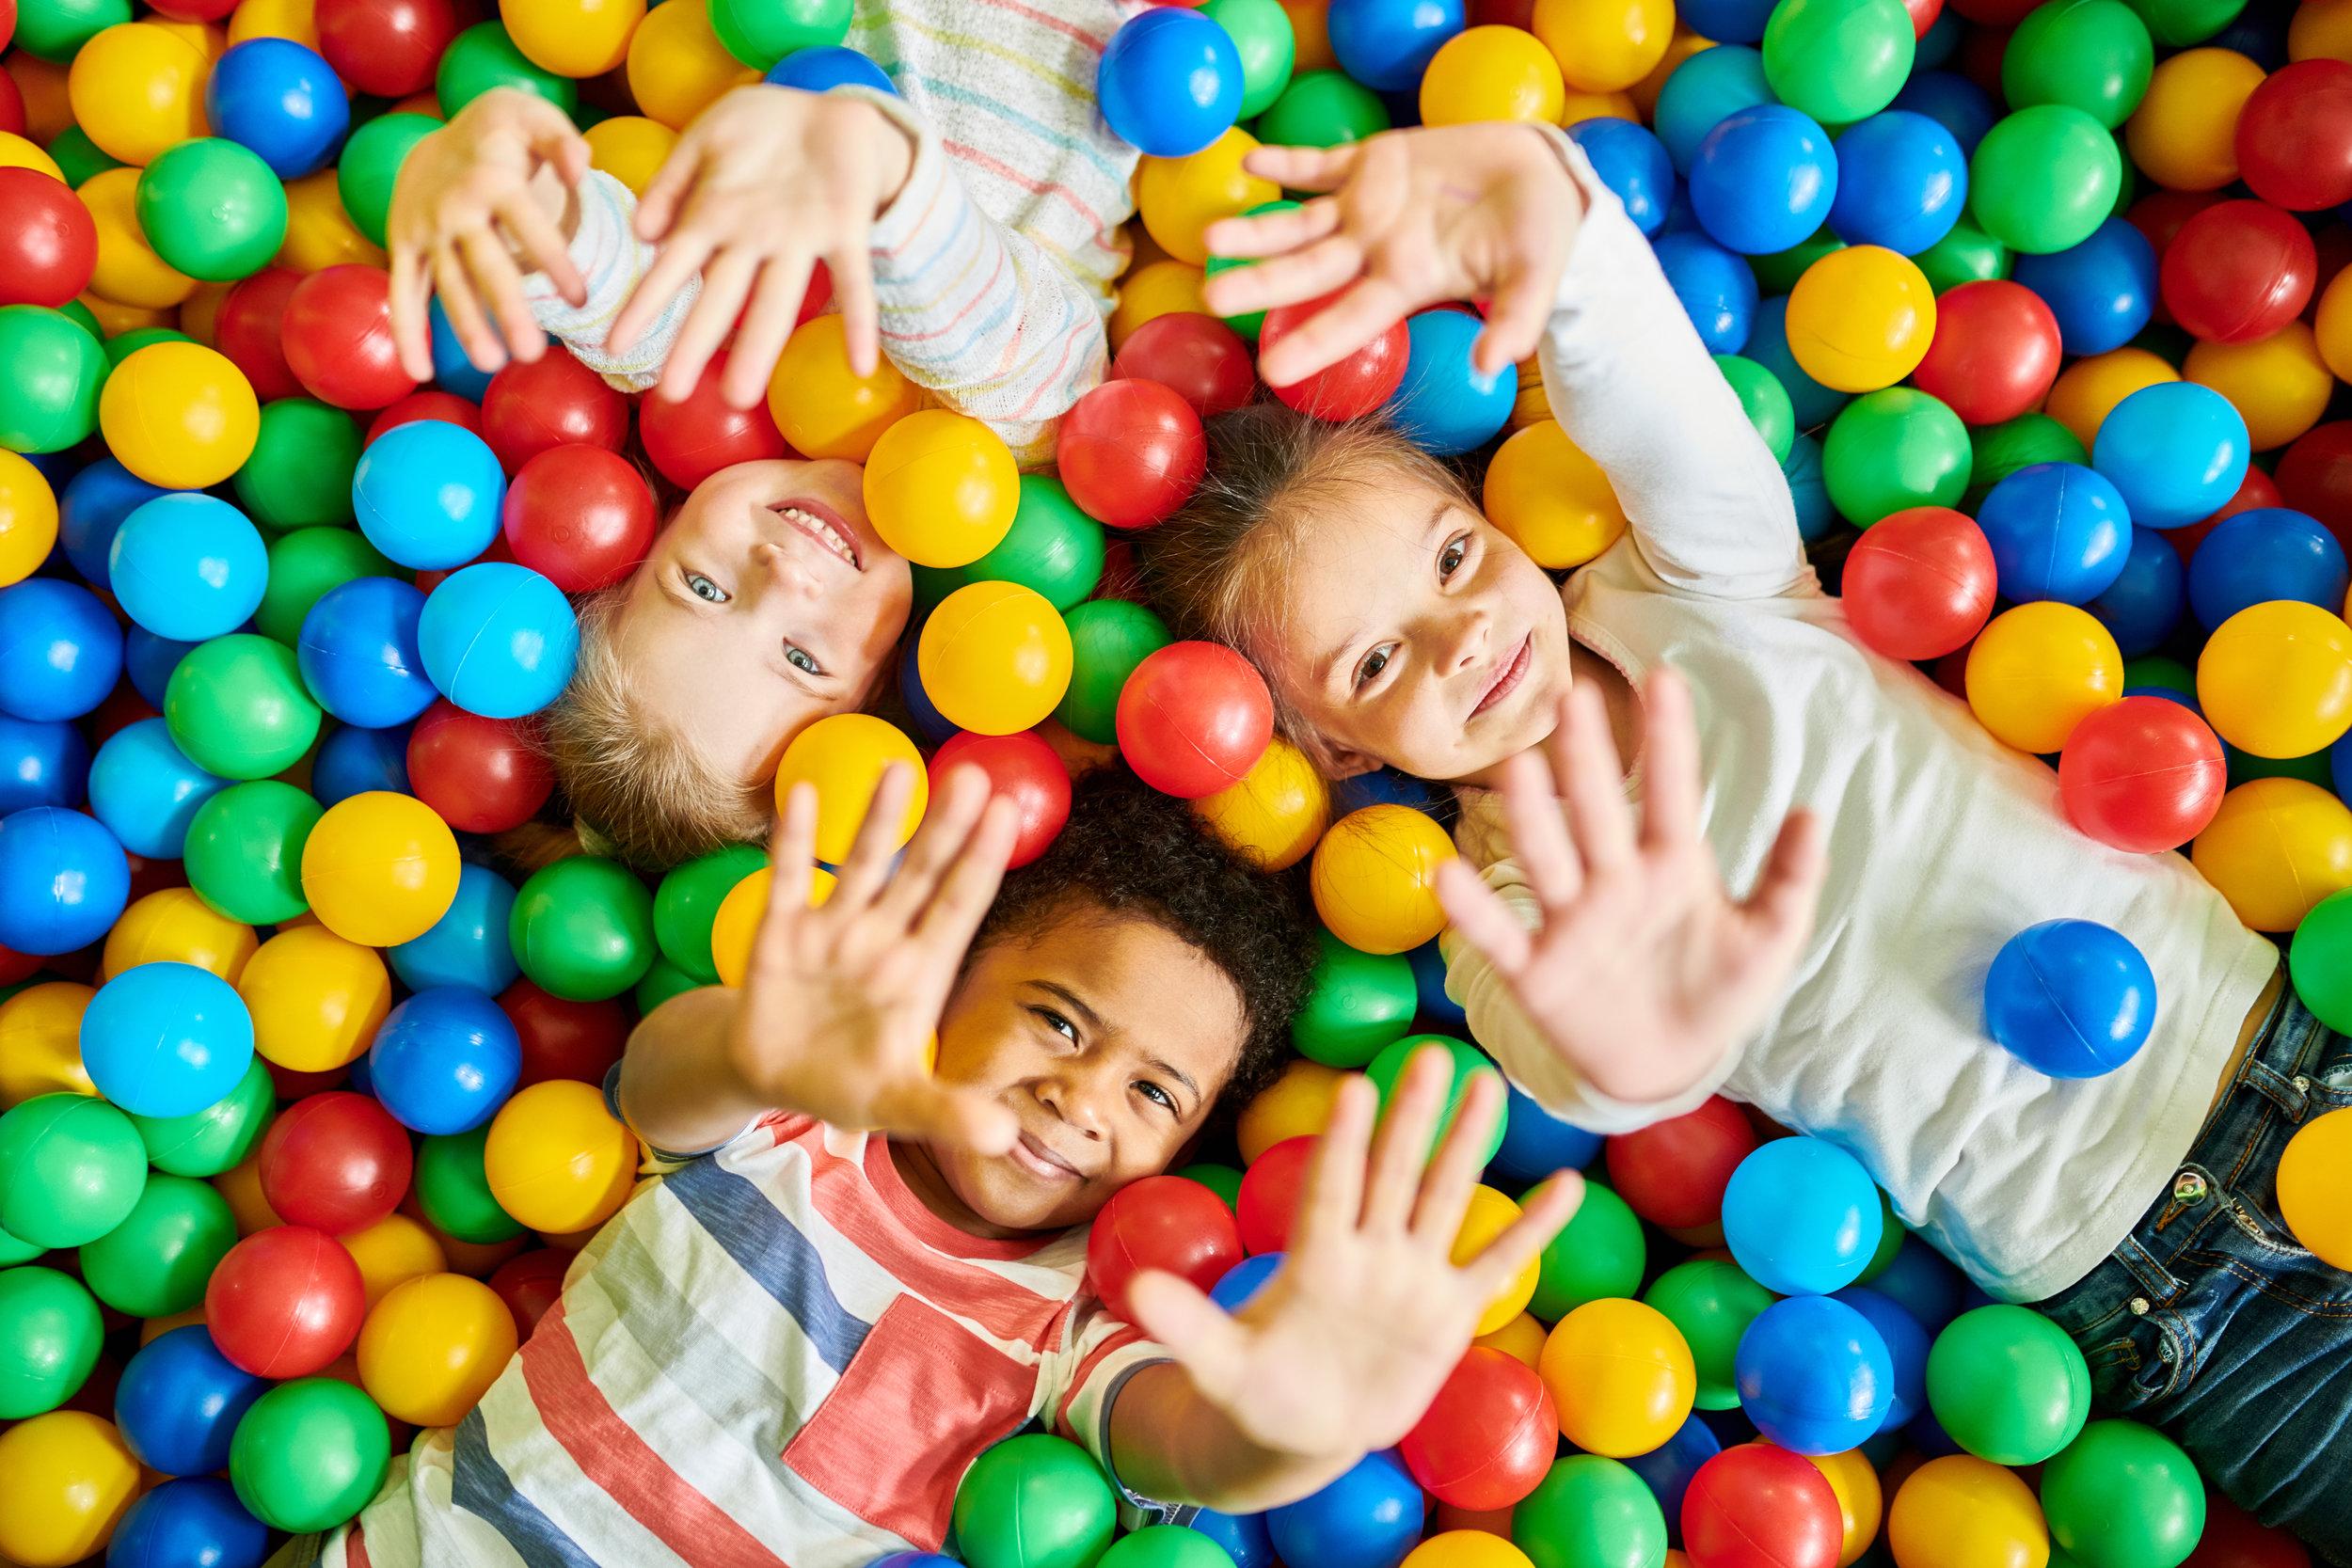 ball pit playing AdobeStock_211577338.jpeg